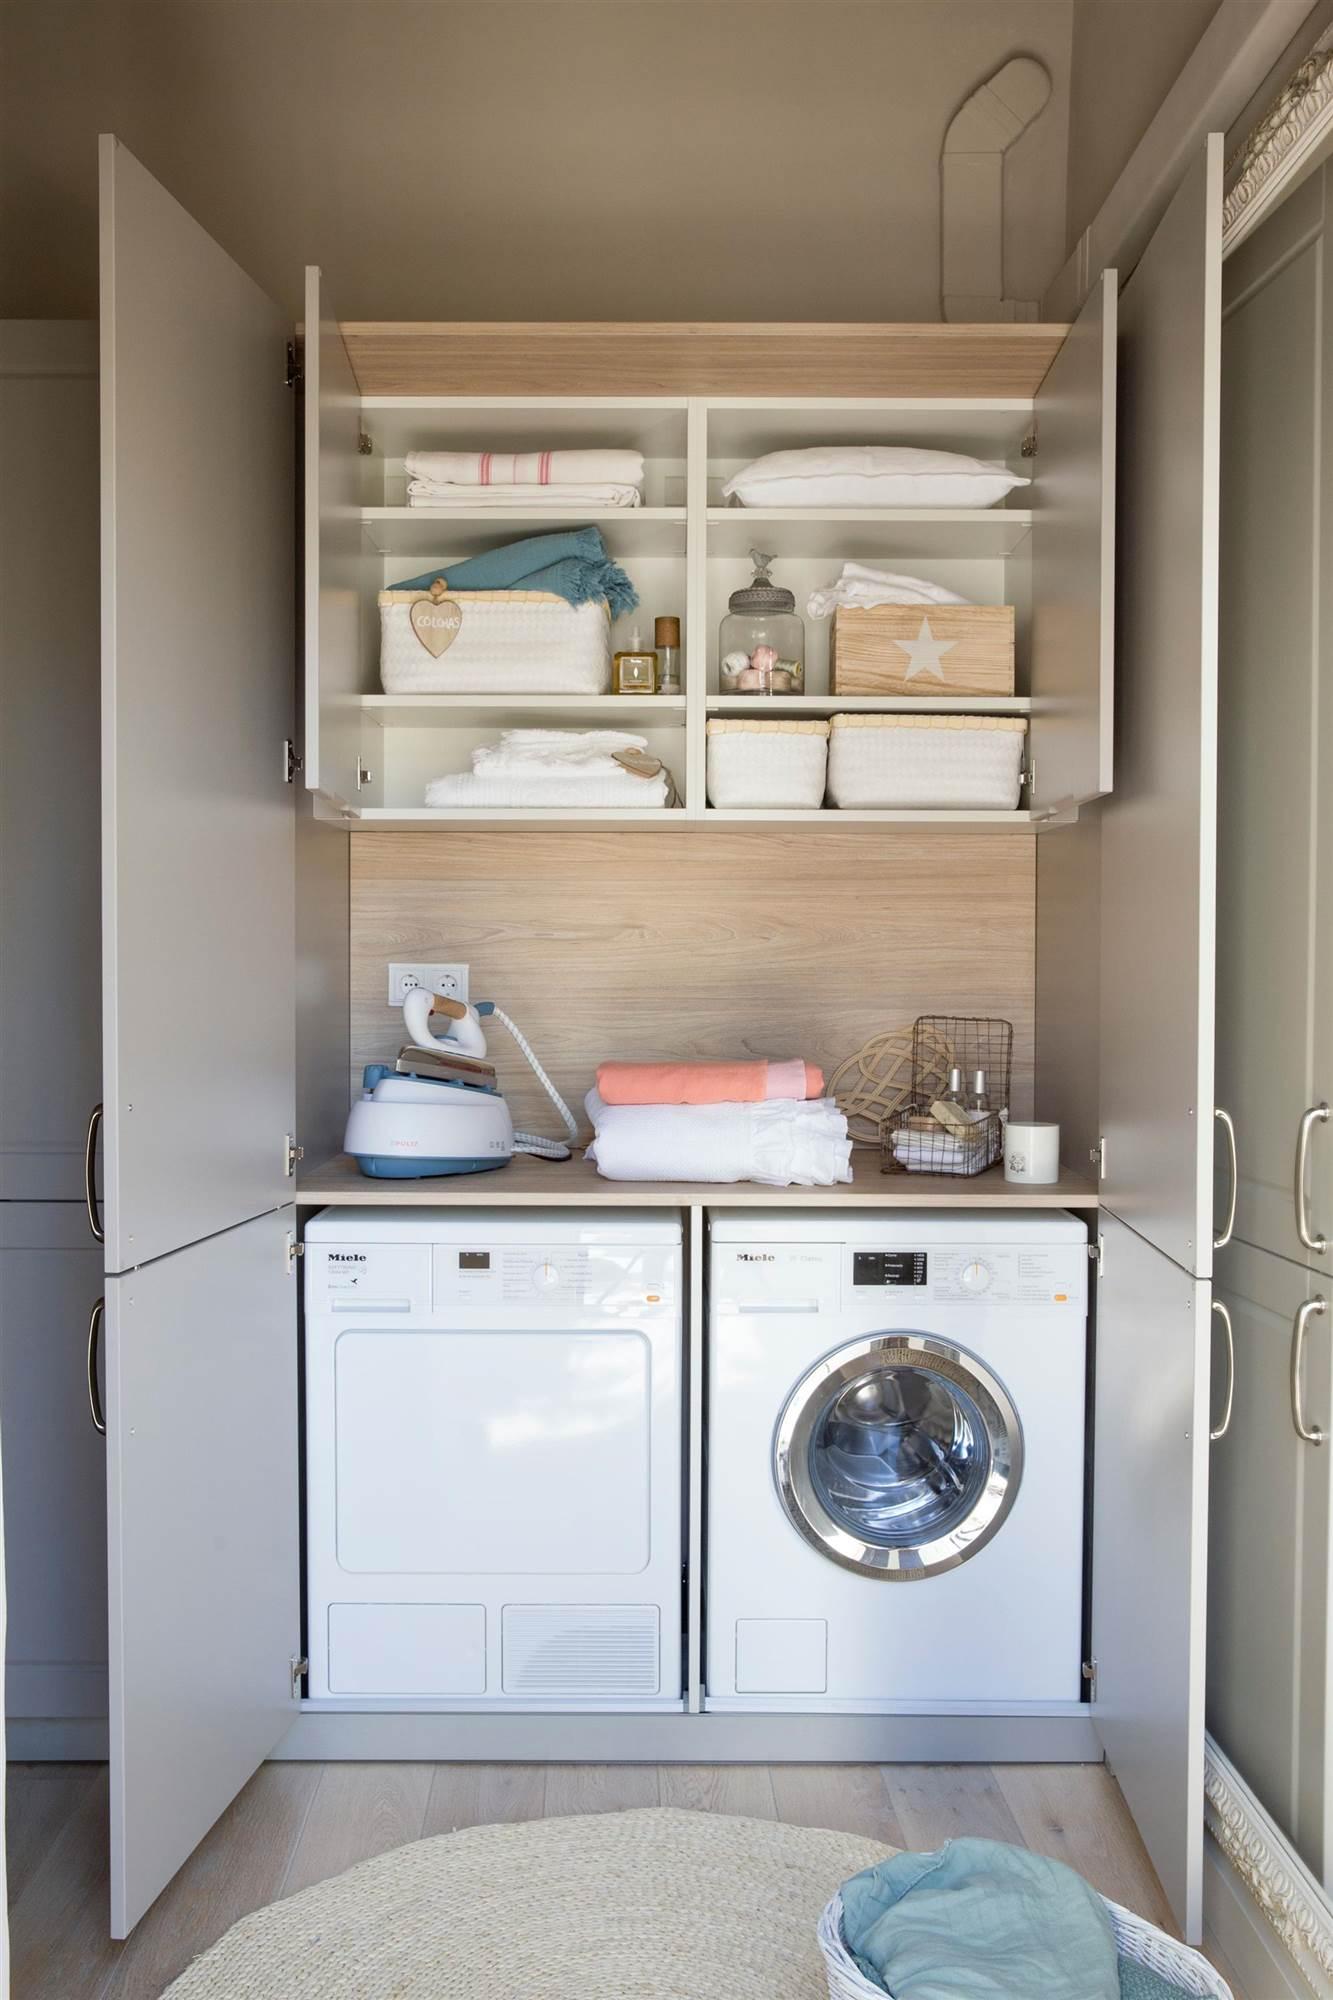 Armarios Roperos Armarios De Cocina Y Armarios De Ba O El Mueble ~ Interiores De Armarios Empotrados Ikea